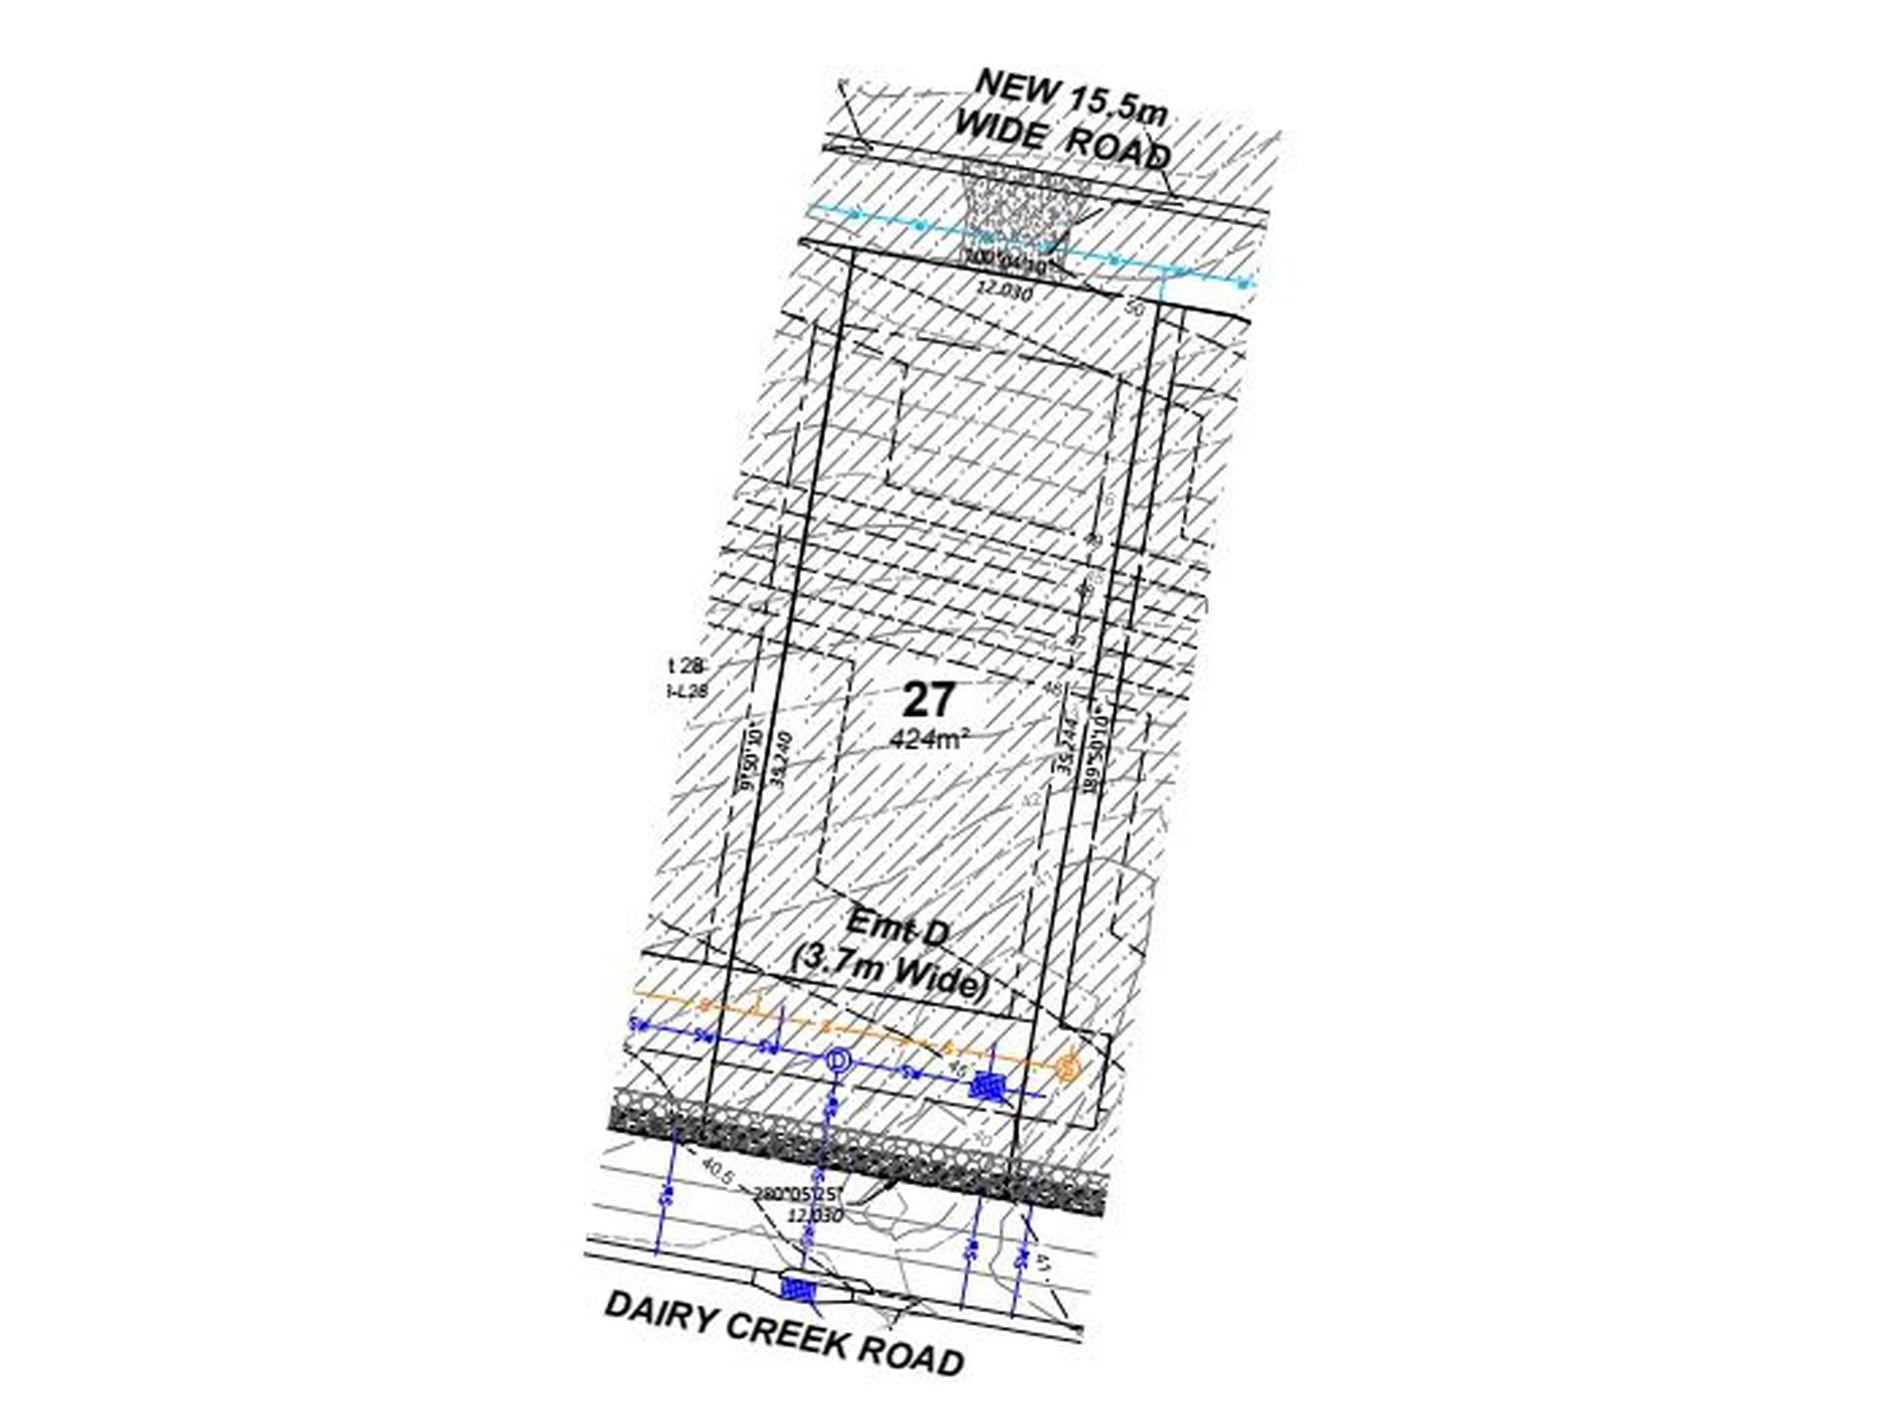 Lot 27, 298 Dairy Creek Road, Waterford